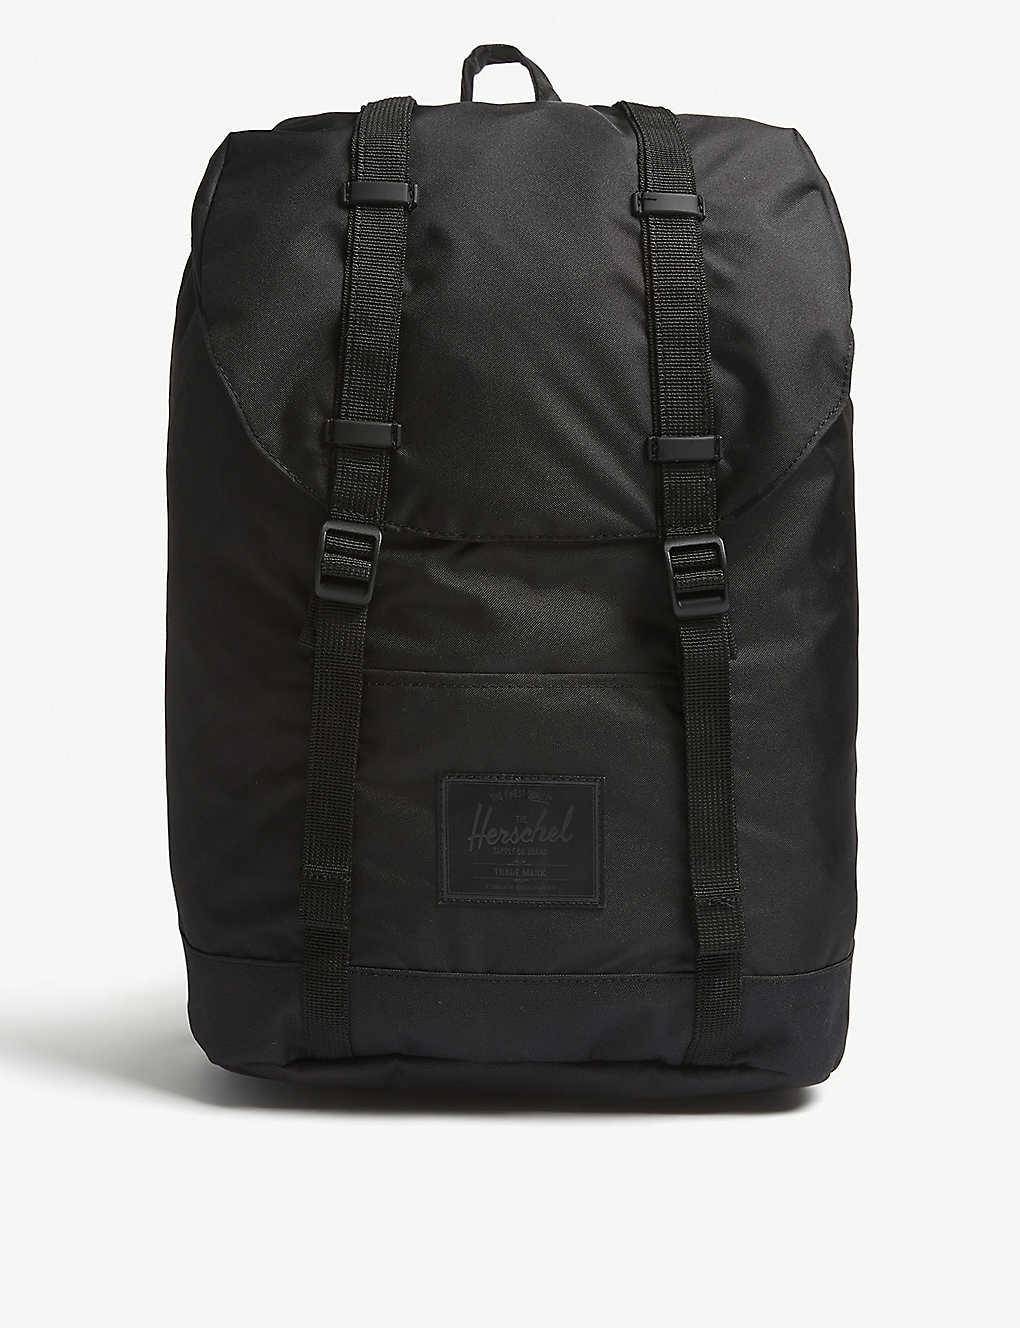 affa7ee826a229 HERSCHEL SUPPLY CO - Retreat Light backpack | Selfridges.com